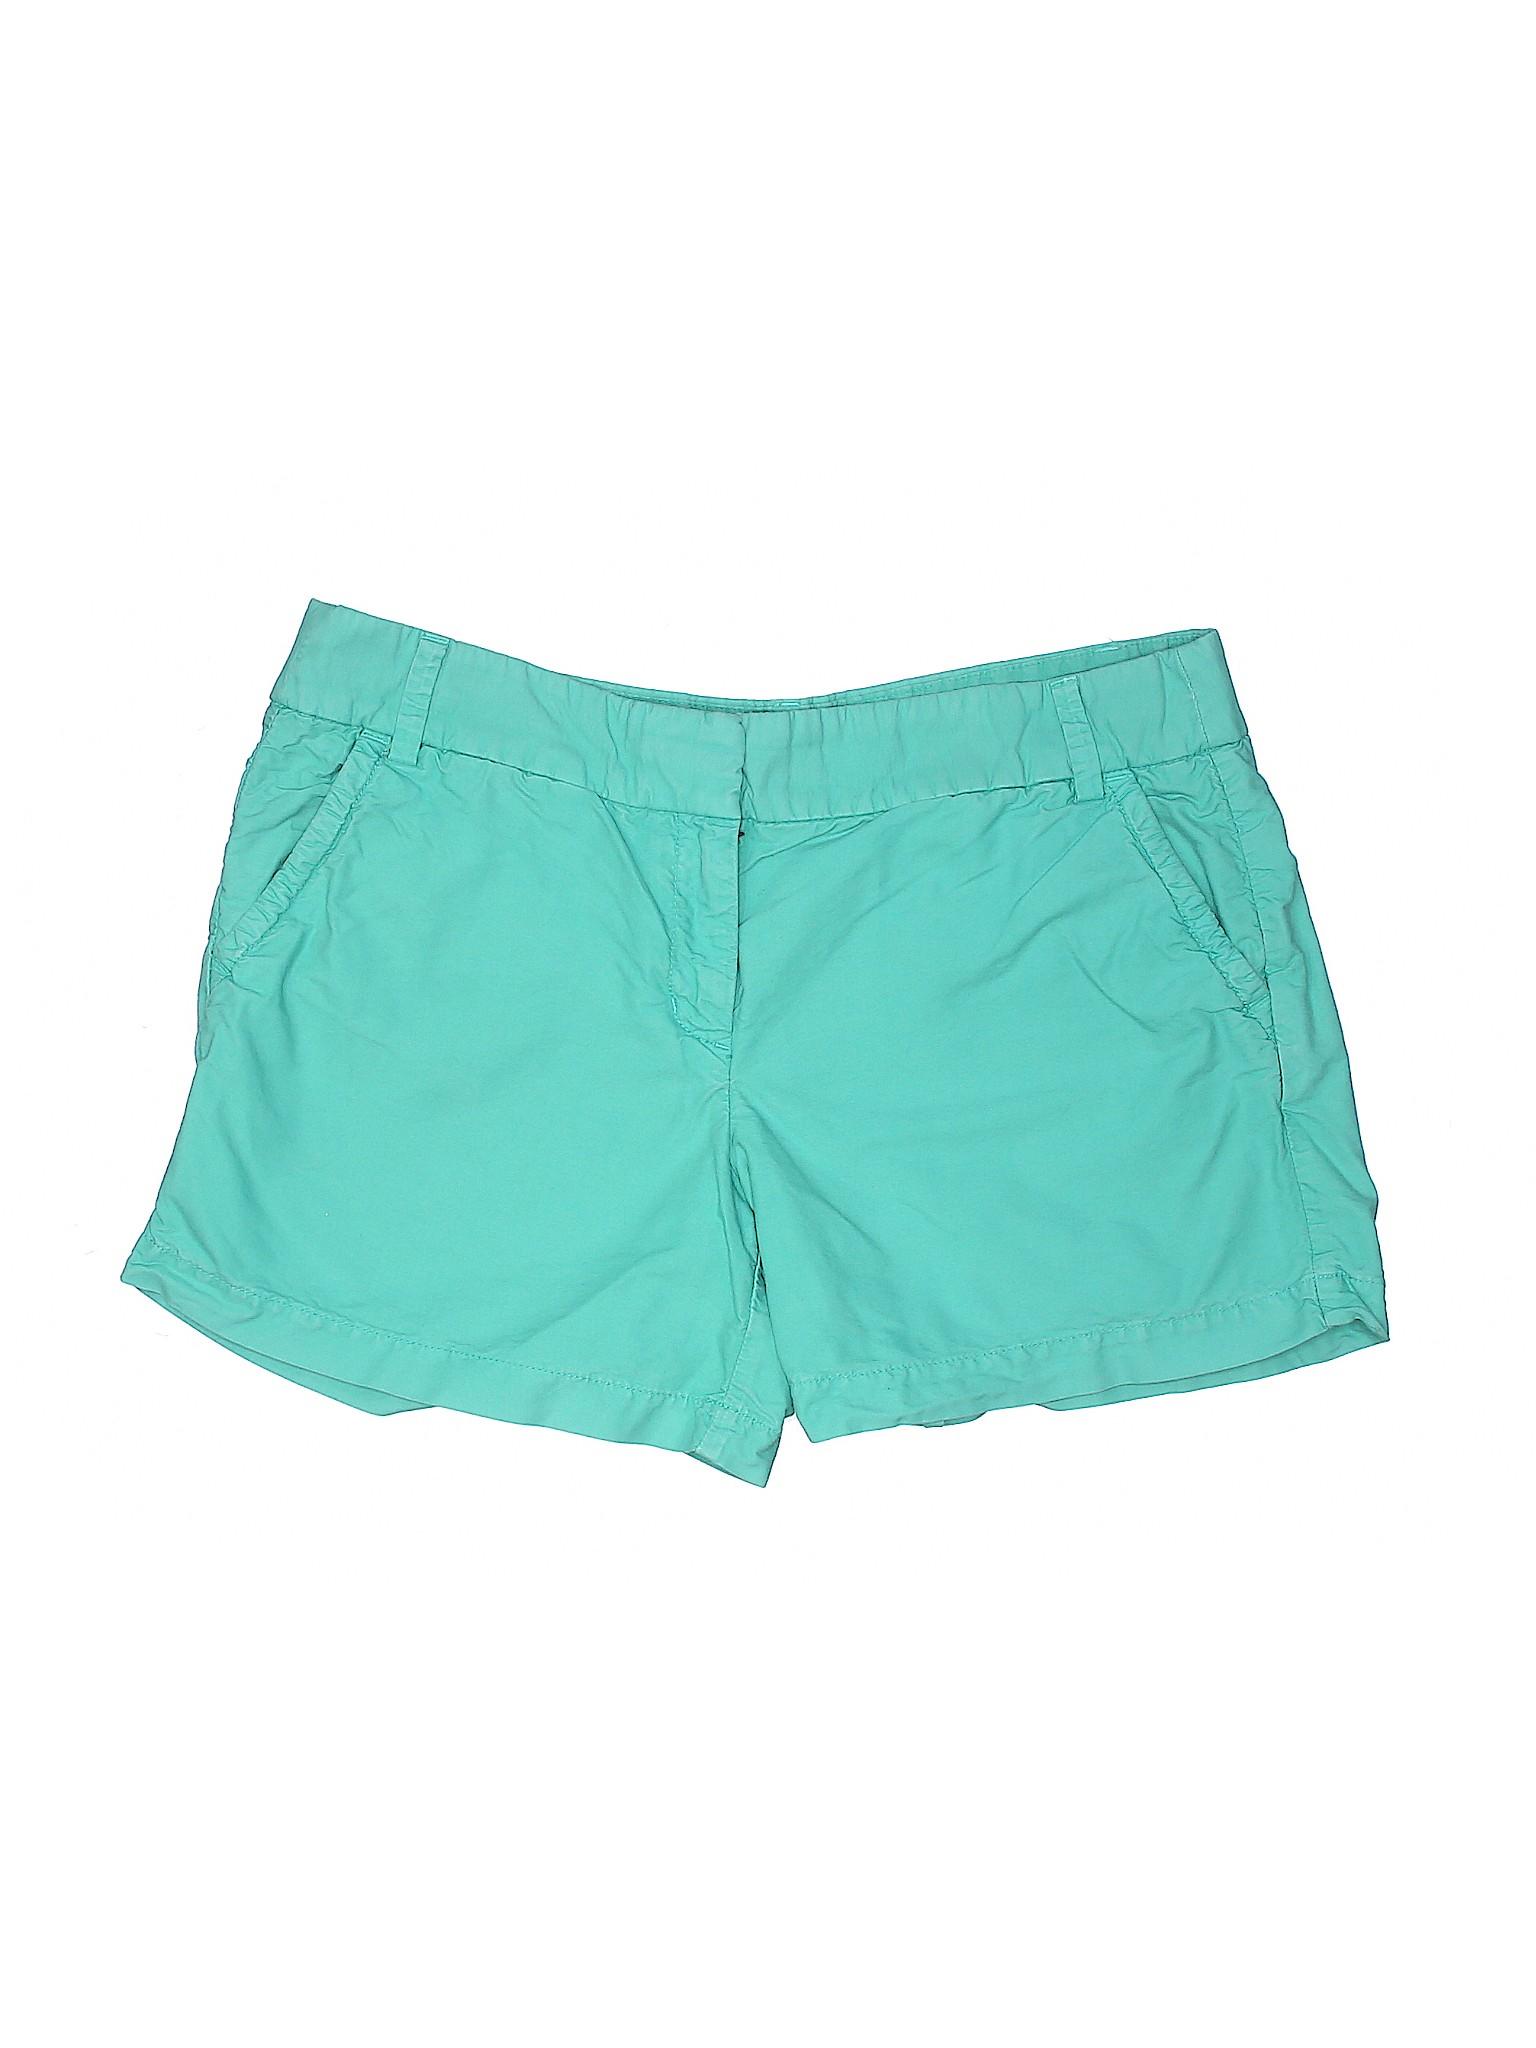 Crew Shorts Boutique J Khaki Boutique Boutique Khaki J Crew Boutique Shorts Shorts Khaki J Crew pAnxf7